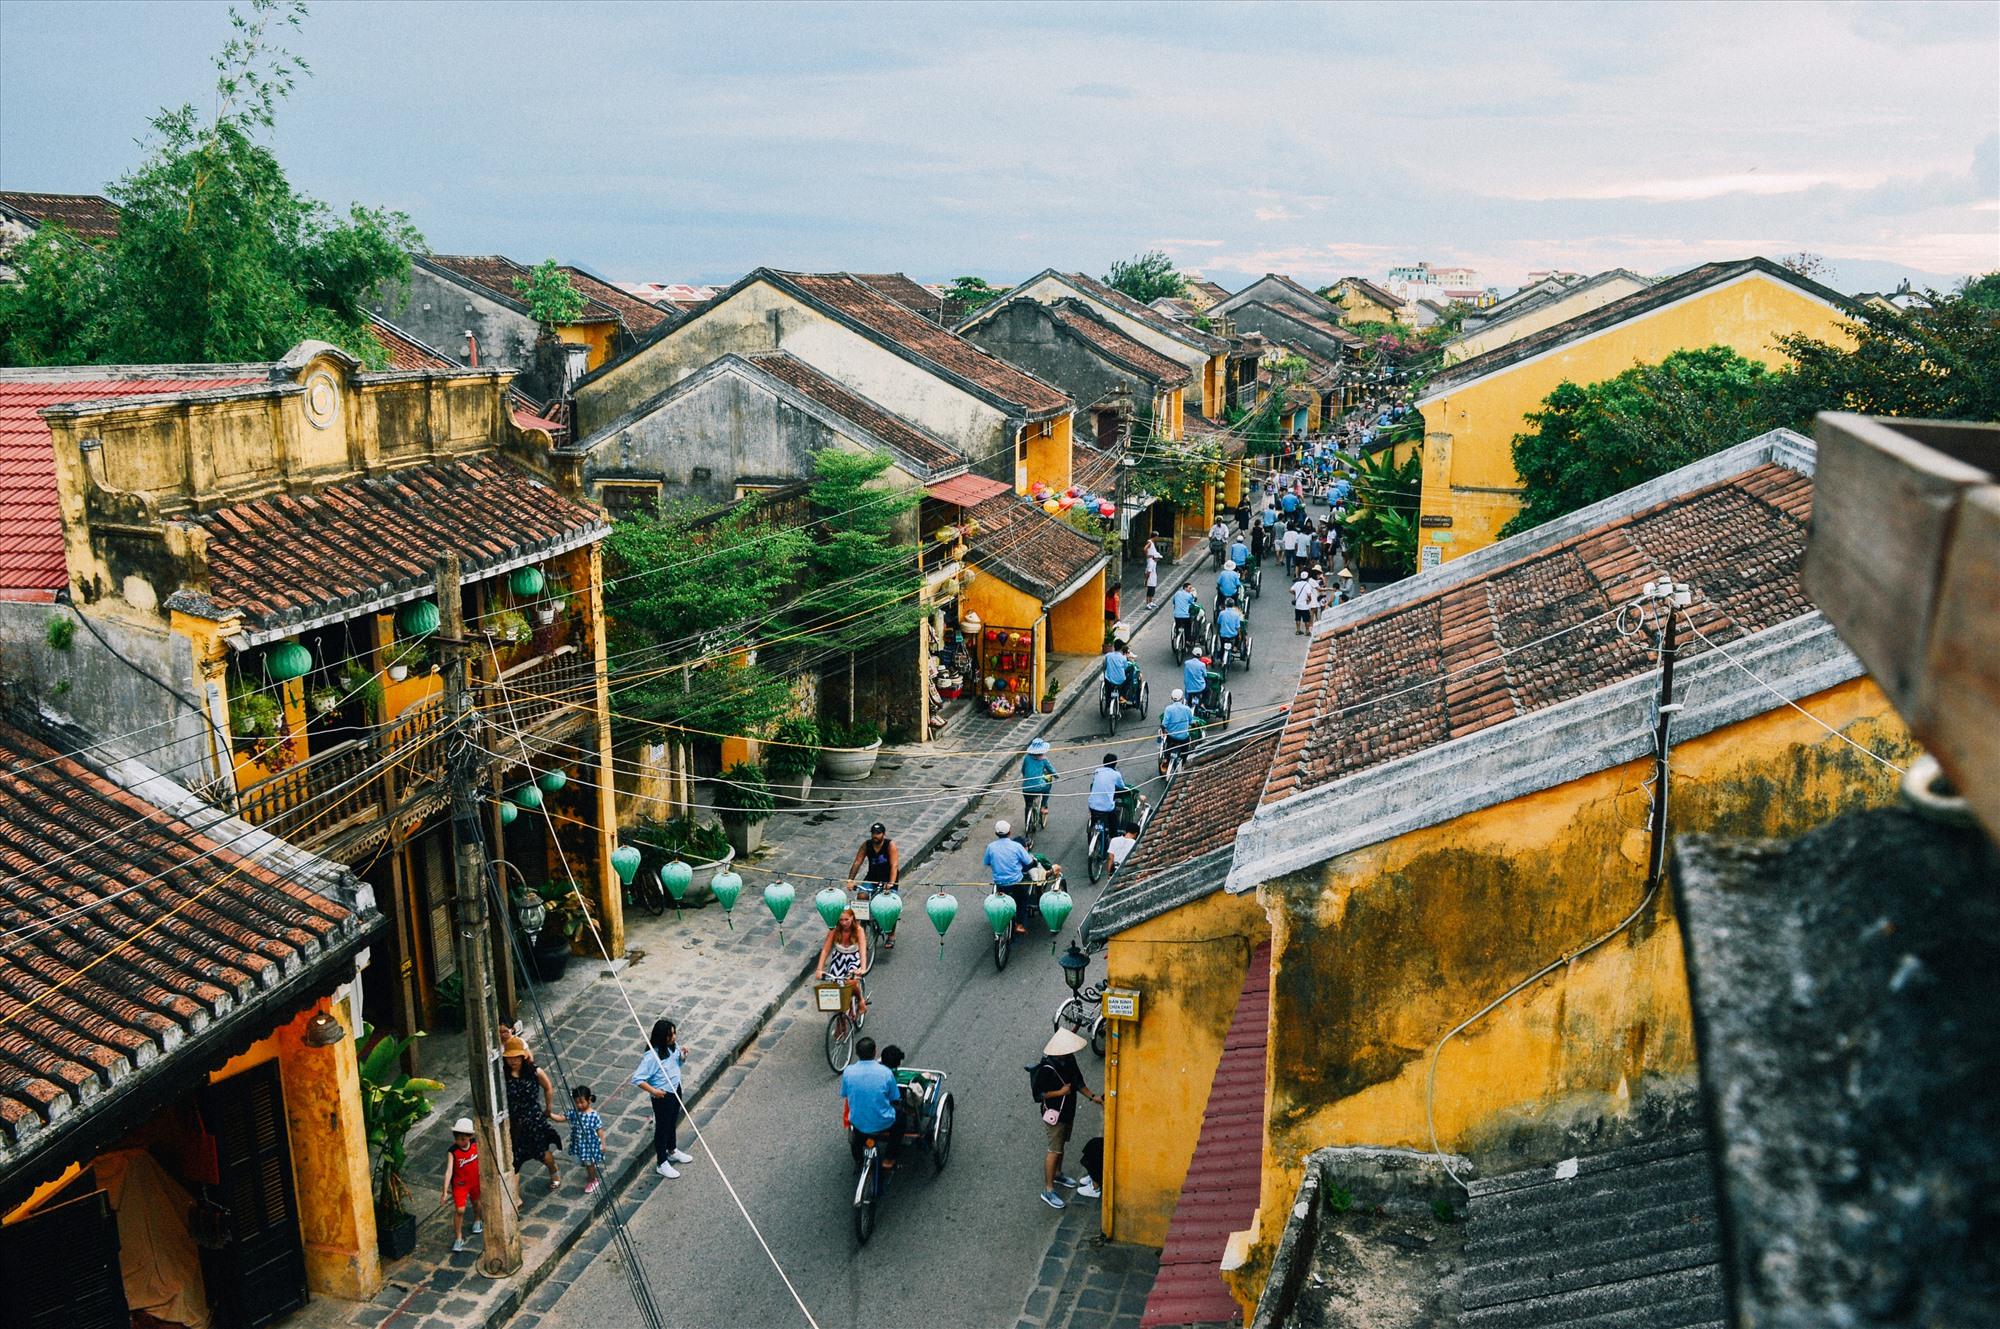 Đô thị cổ Hội An đang phấn đấu trở thành đô thị sinh thái - văn hóa - du lịch. Ảnh: Q.T